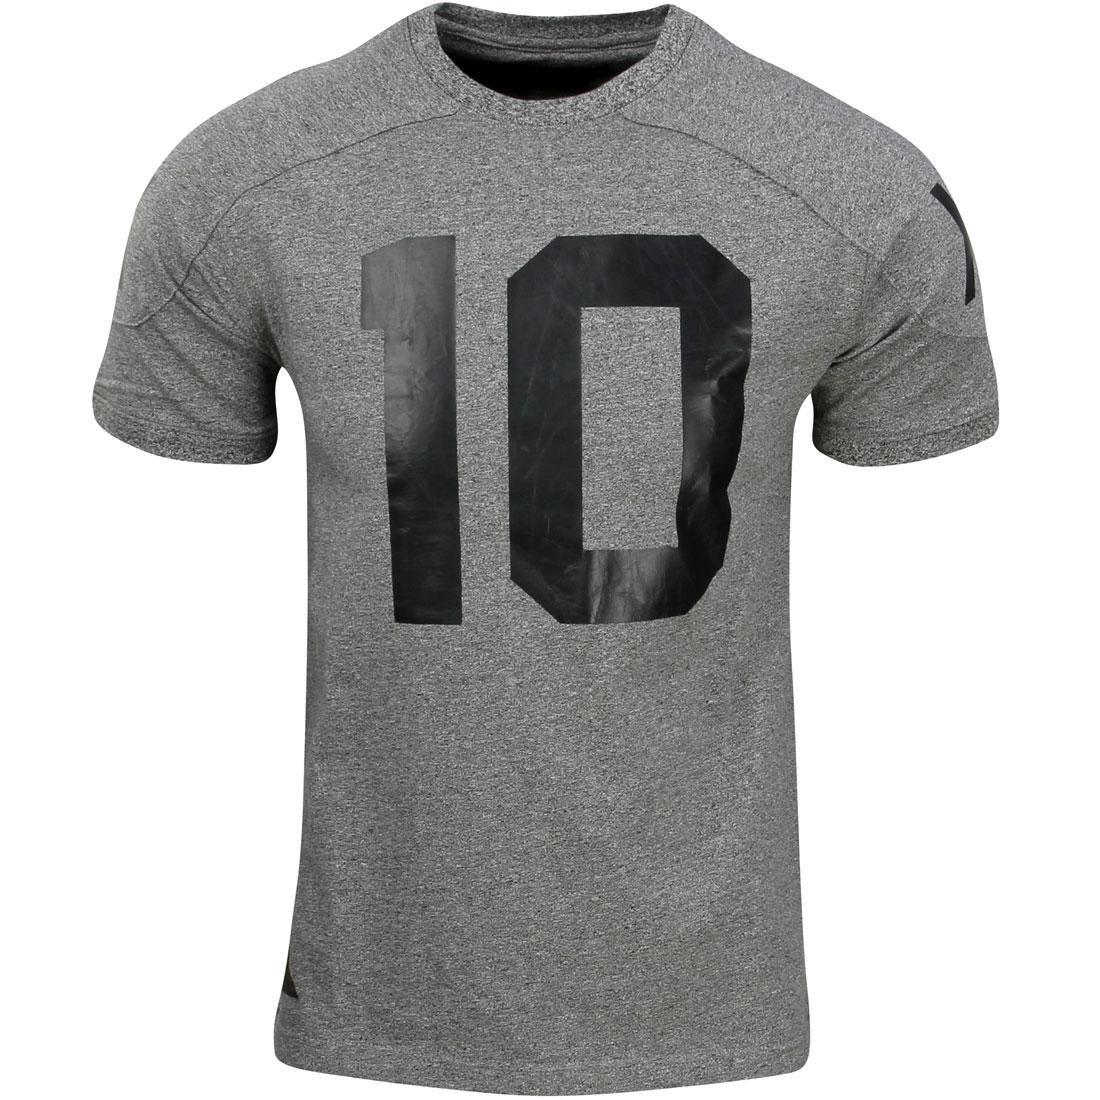 テンディープ 10 DEEP 茶 ブラウン ジャージ J. メンズファッション トップス Tシャツ カットソー メンズ 【 J. Brown Football Jersey (black / Marble) 】 Black / Marble